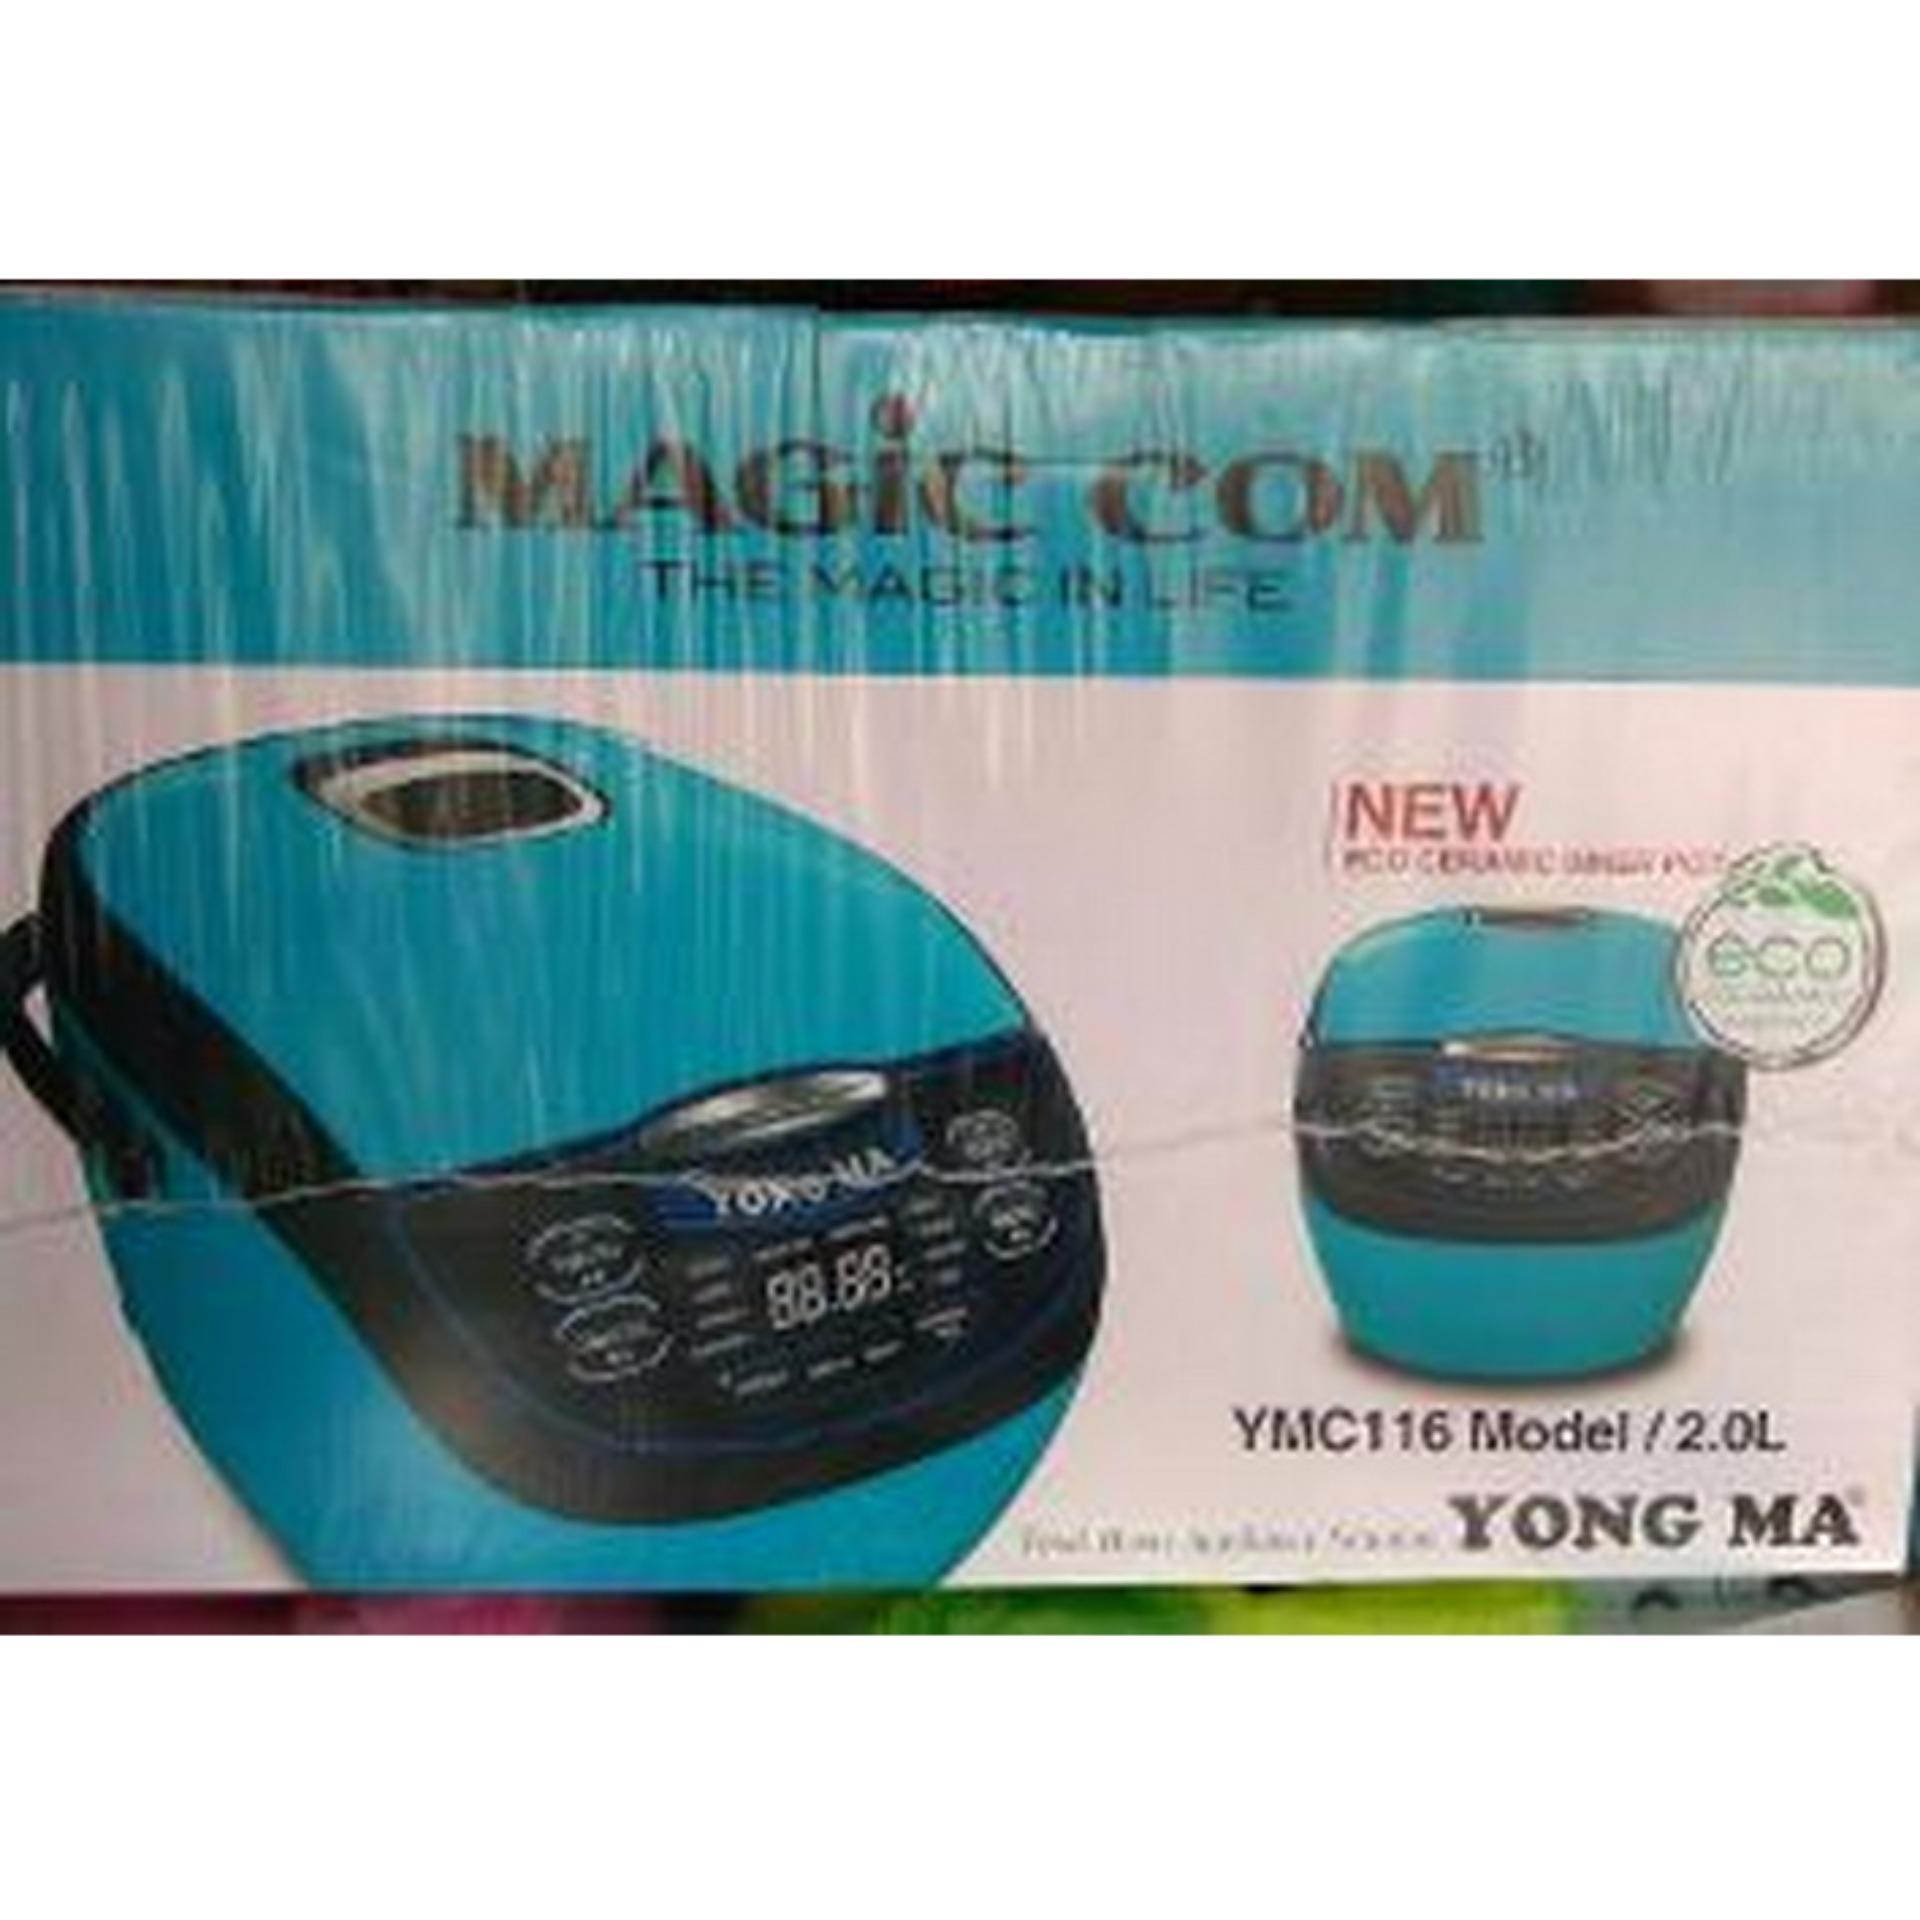 Periksa Peringkat Yongma Ymc116 Magic Com 2 Liter Digital Eco Yong Ma Magicom Mc3560 Ceramic